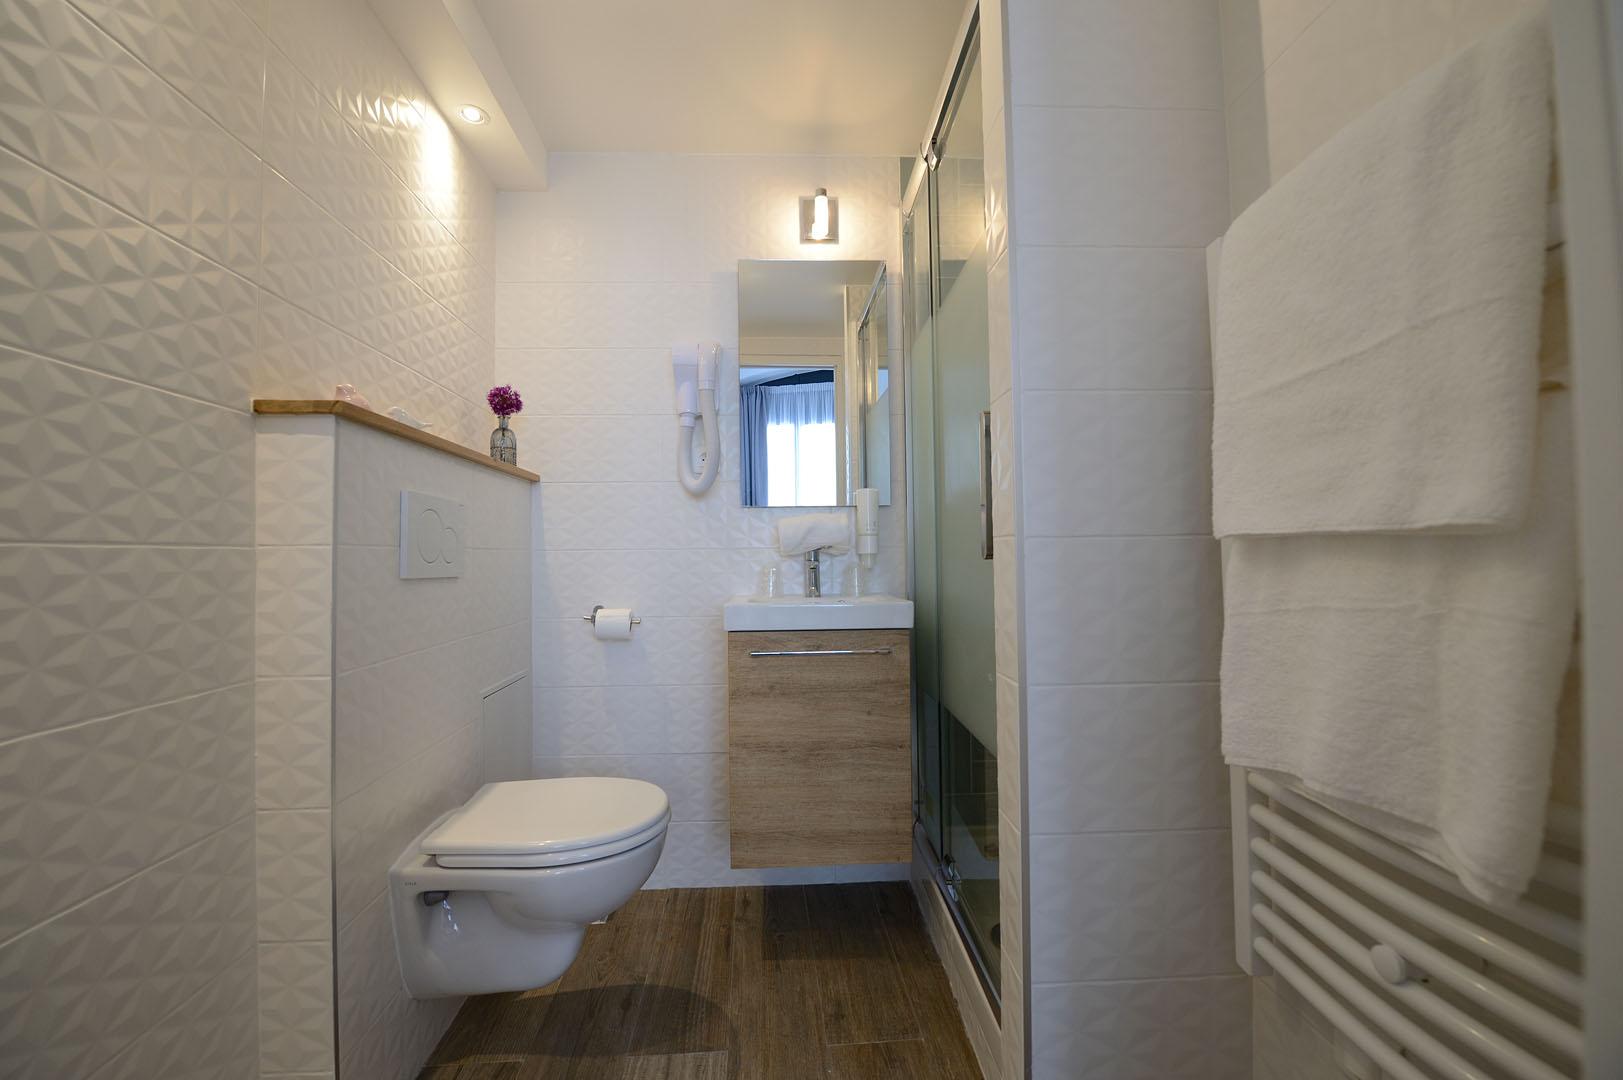 Salle de bain moderne de notre hôtel Terre Neuve, séjour à Paris.